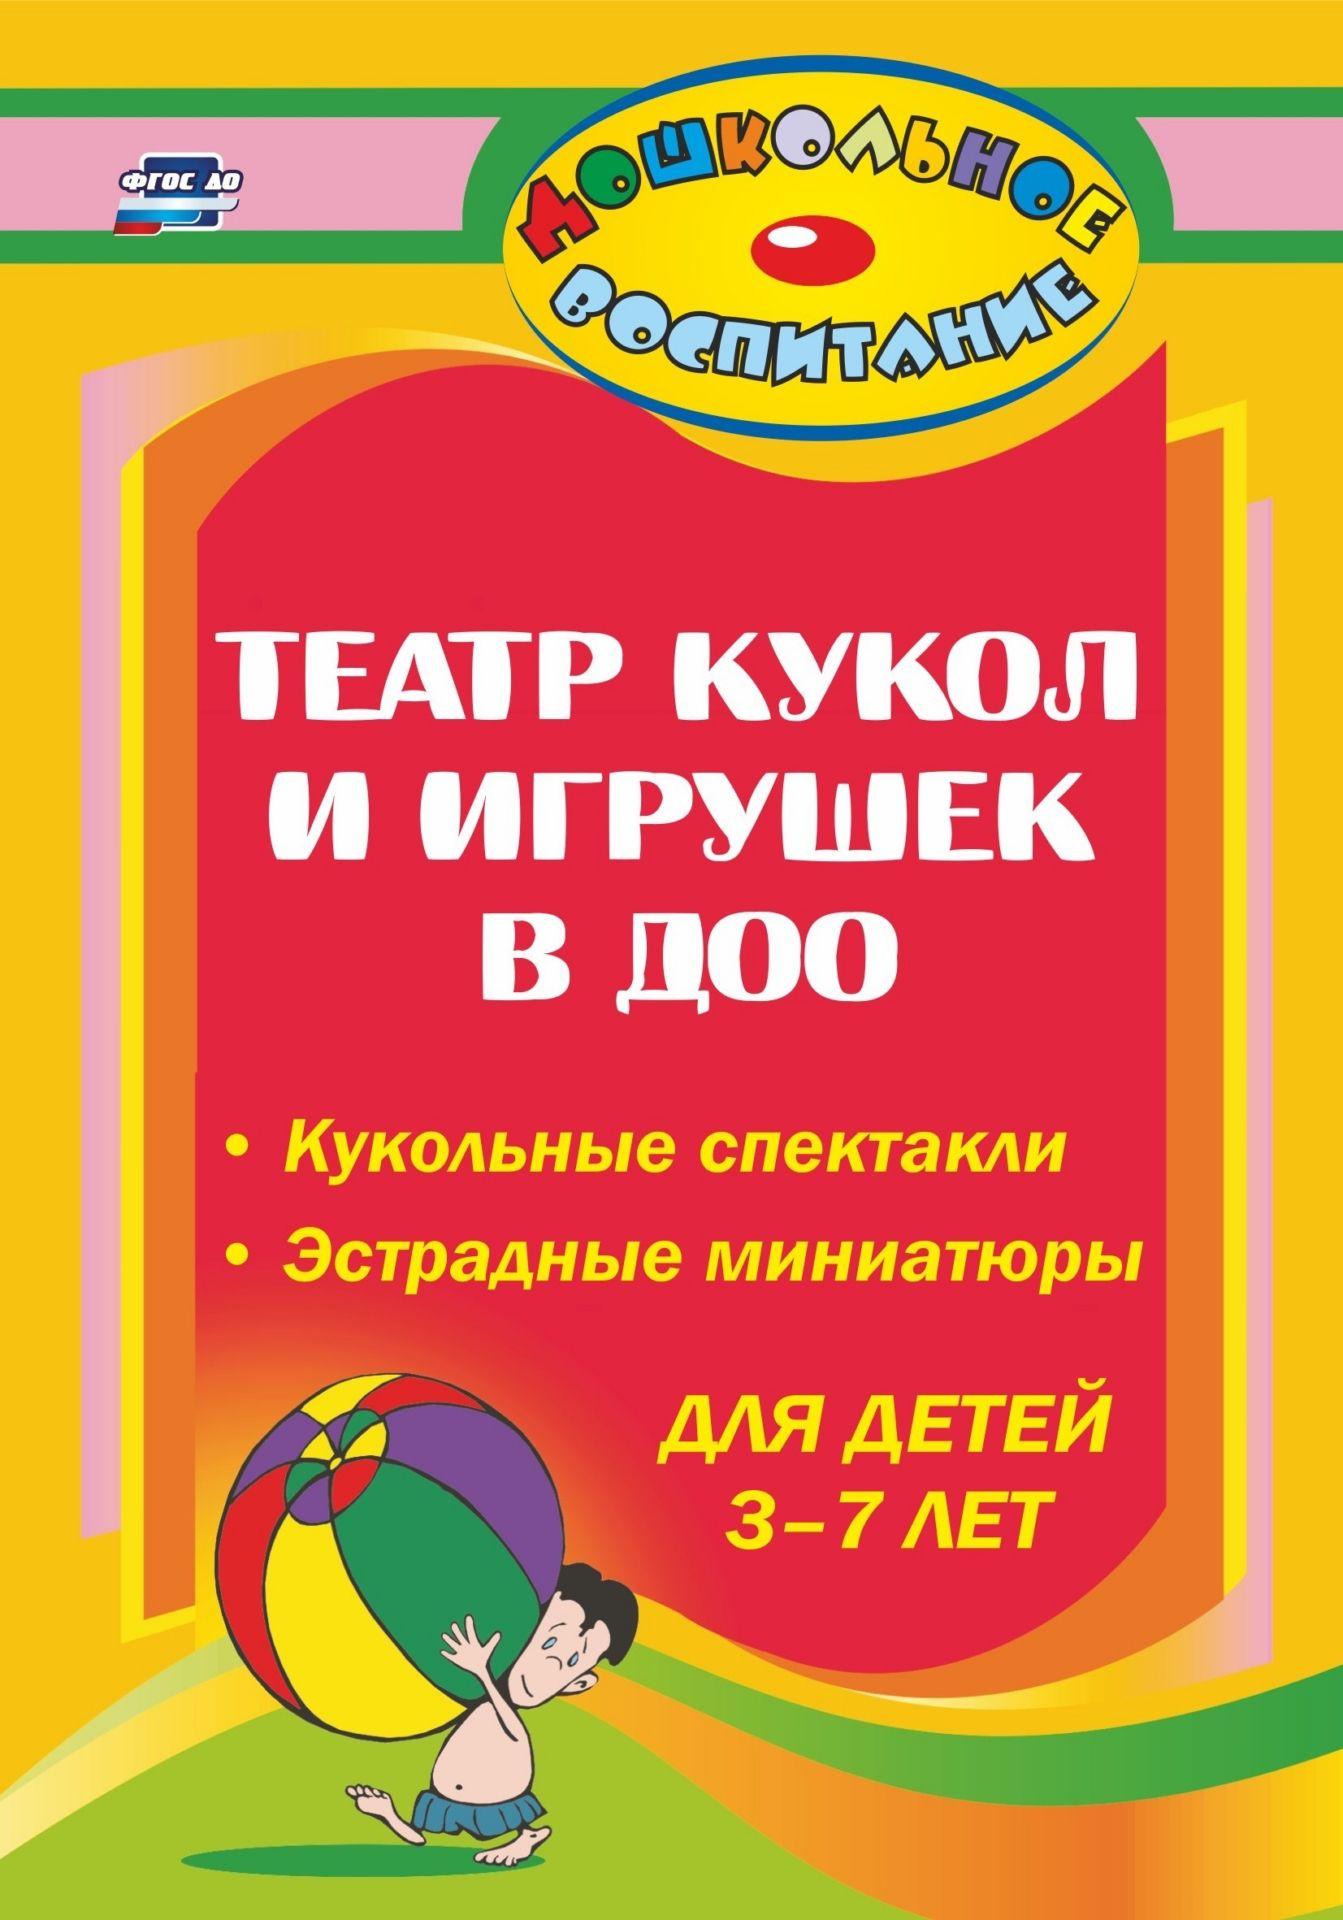 Купить со скидкой Театр кукол и игрушек в детском саду: кукольные спектакли, эстрадные миниатюры для детей 3-7 лет